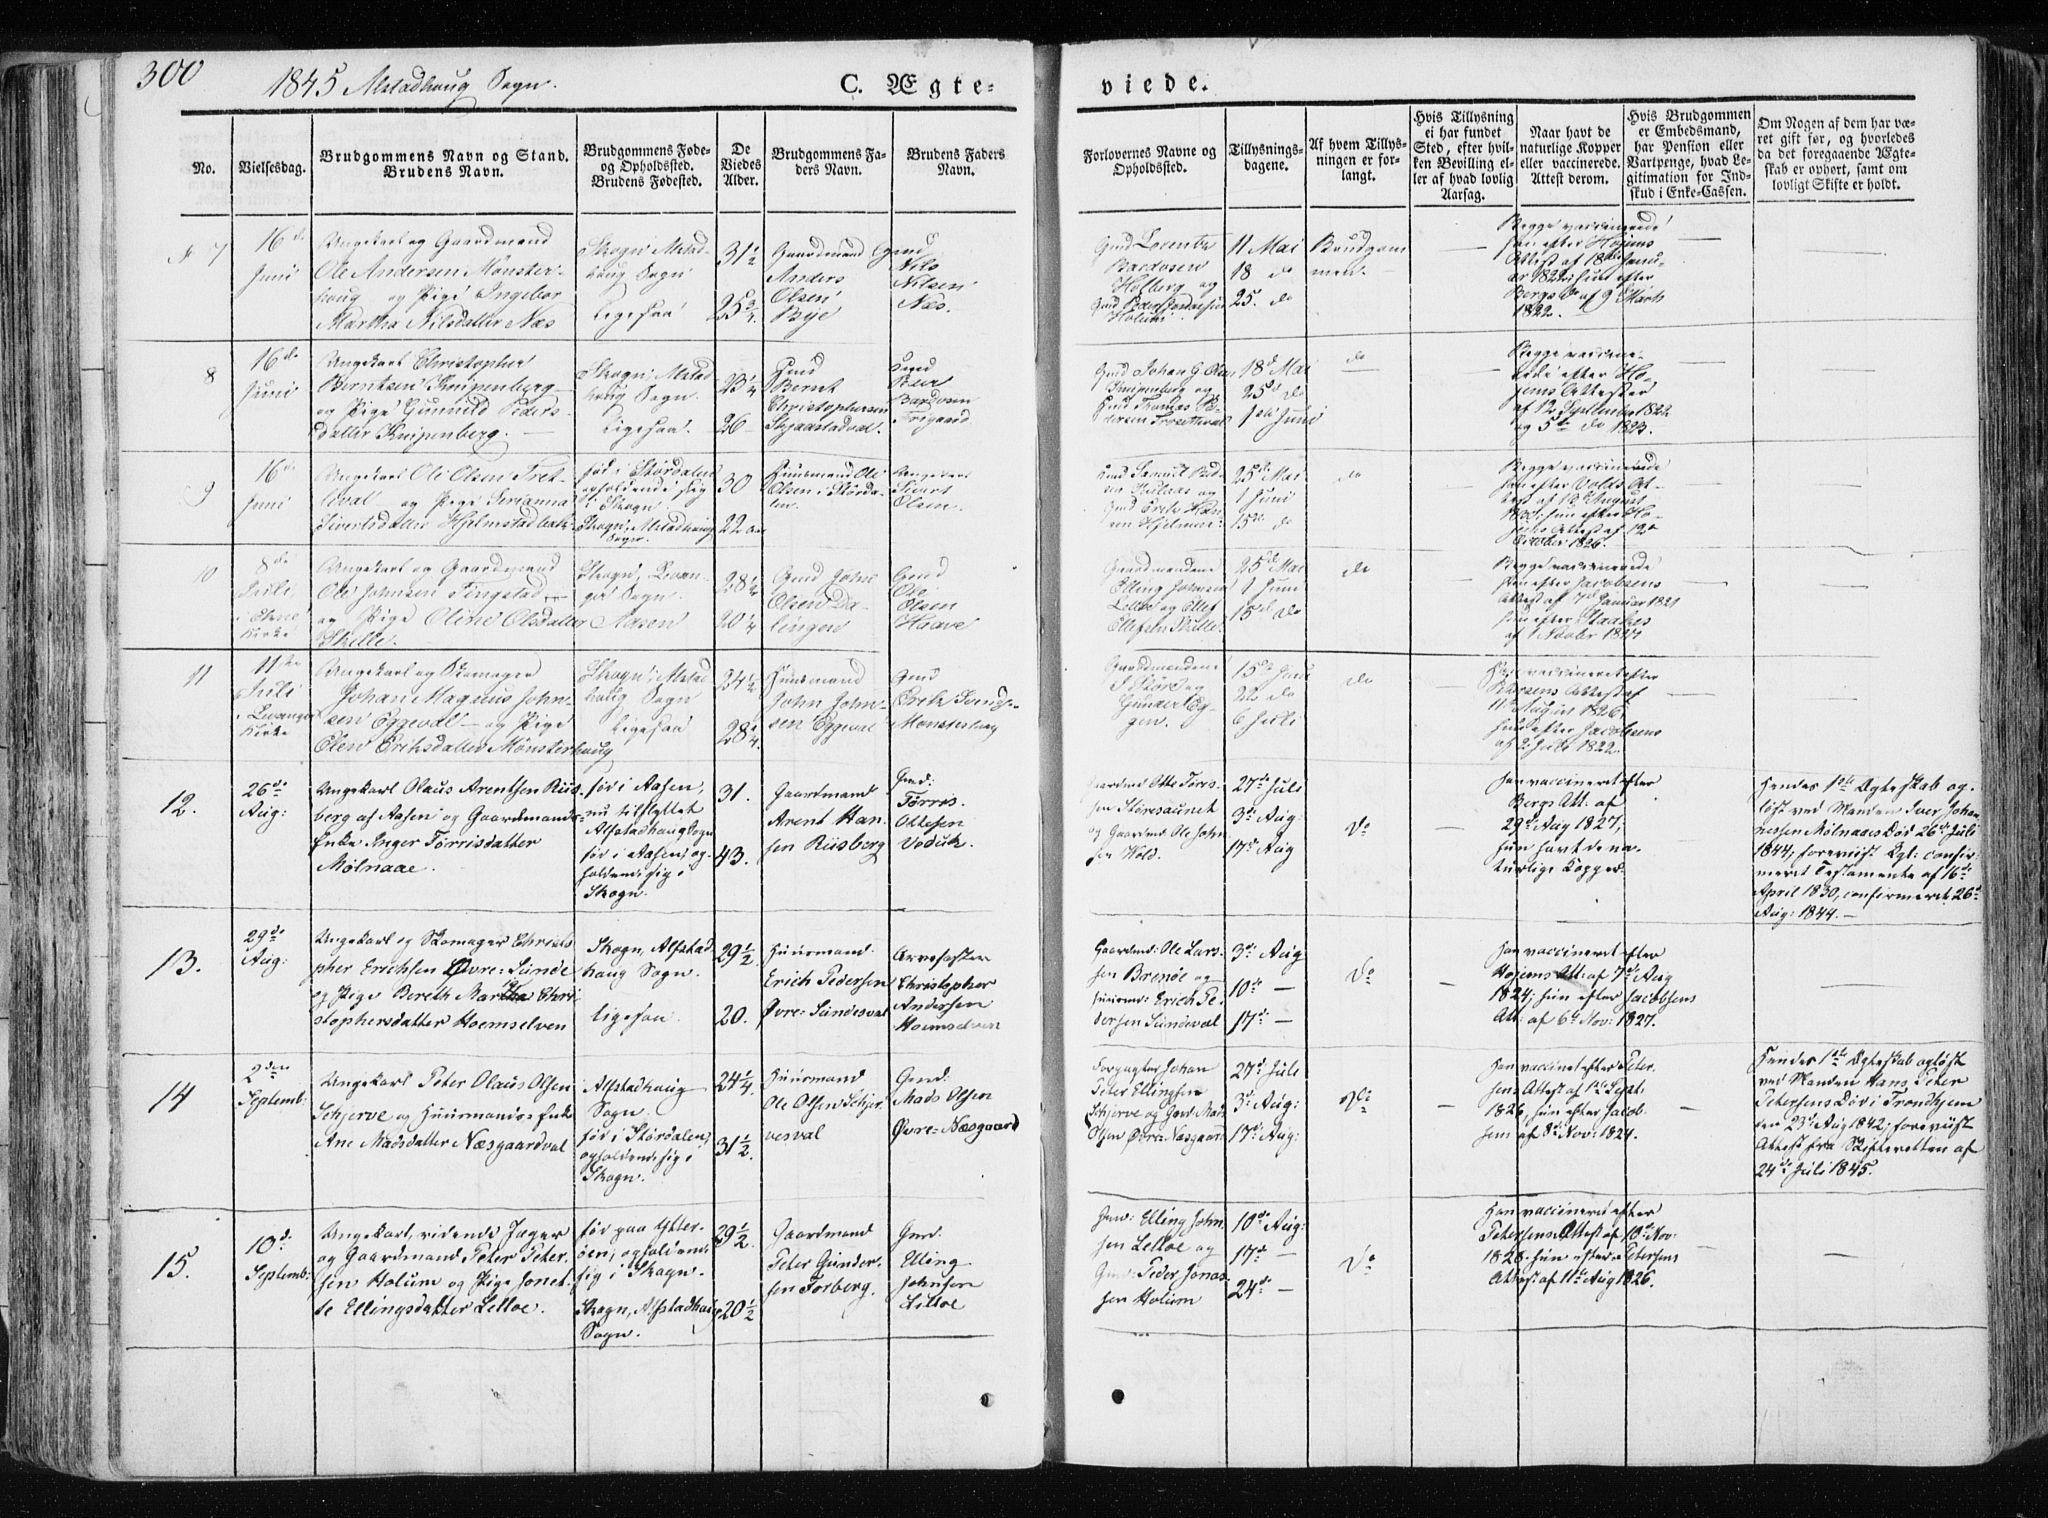 SAT, Ministerialprotokoller, klokkerbøker og fødselsregistre - Nord-Trøndelag, 717/L0154: Ministerialbok nr. 717A06 /1, 1836-1849, s. 300